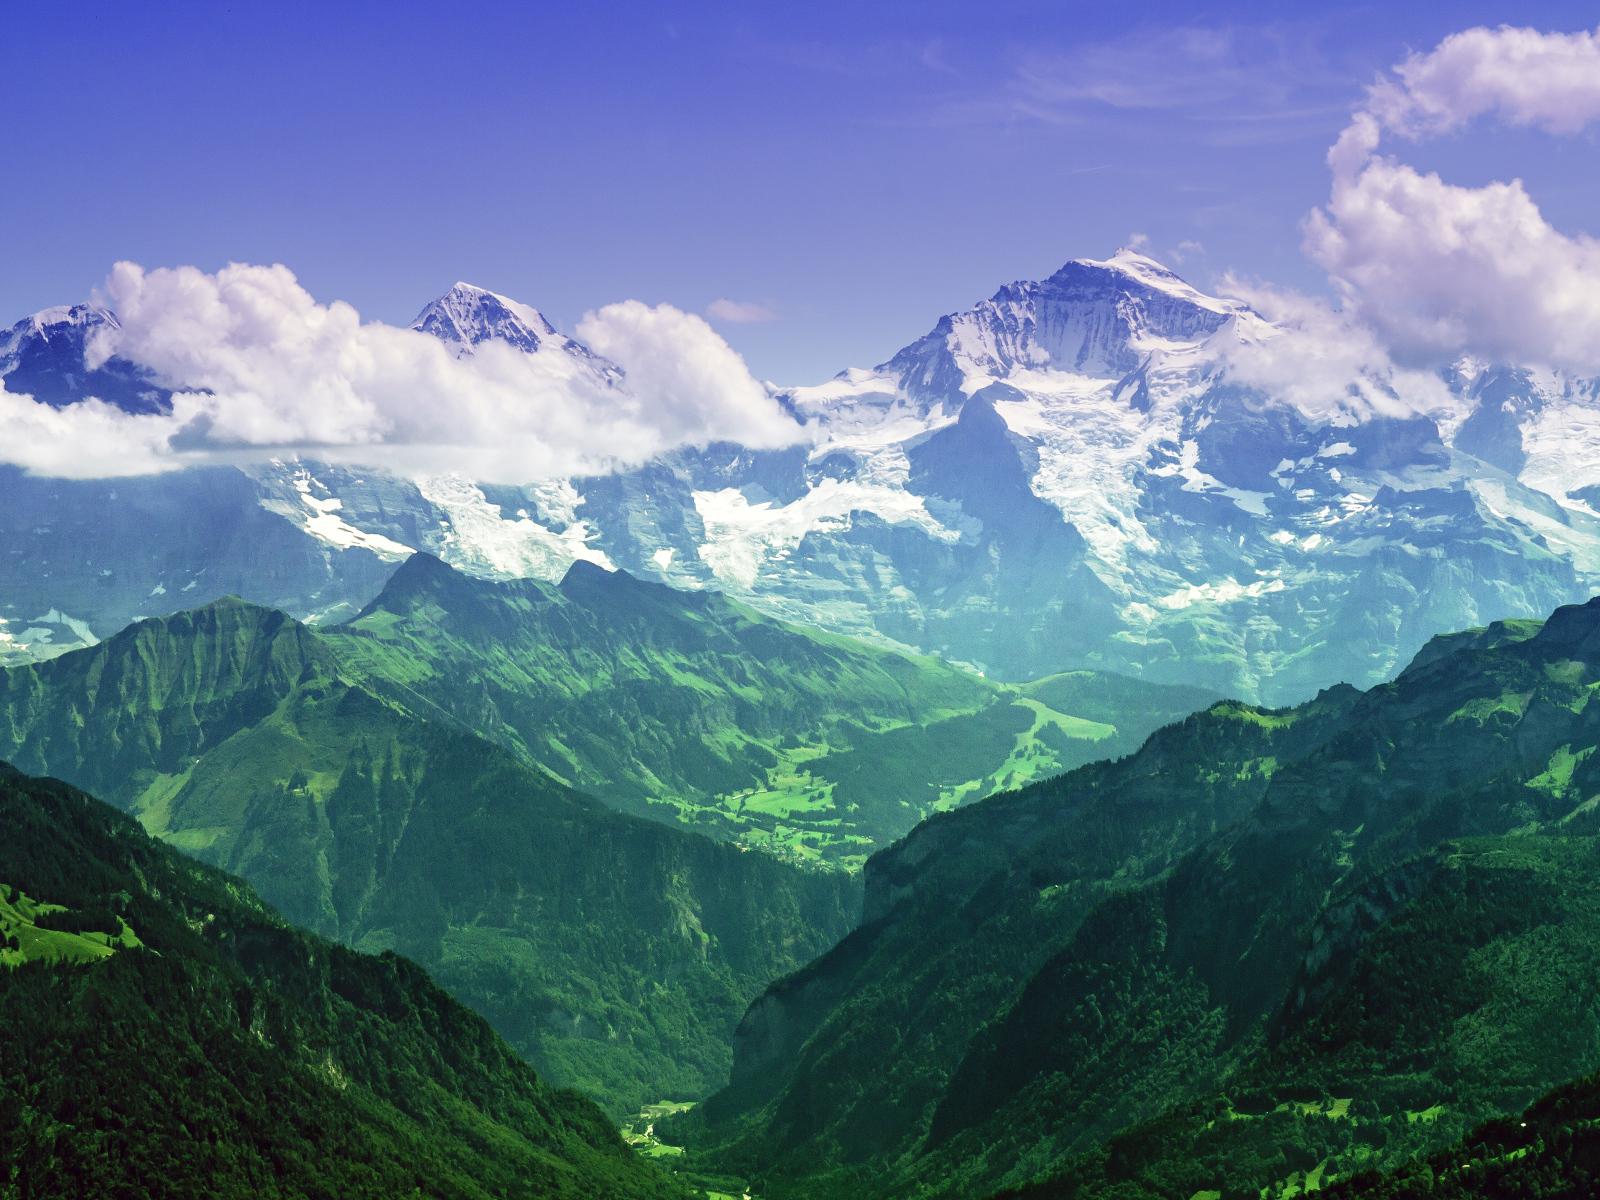 Bernese Alps, Switzerland Desktop wallpapers 1600x1200 Bernese Alps, Switzerland